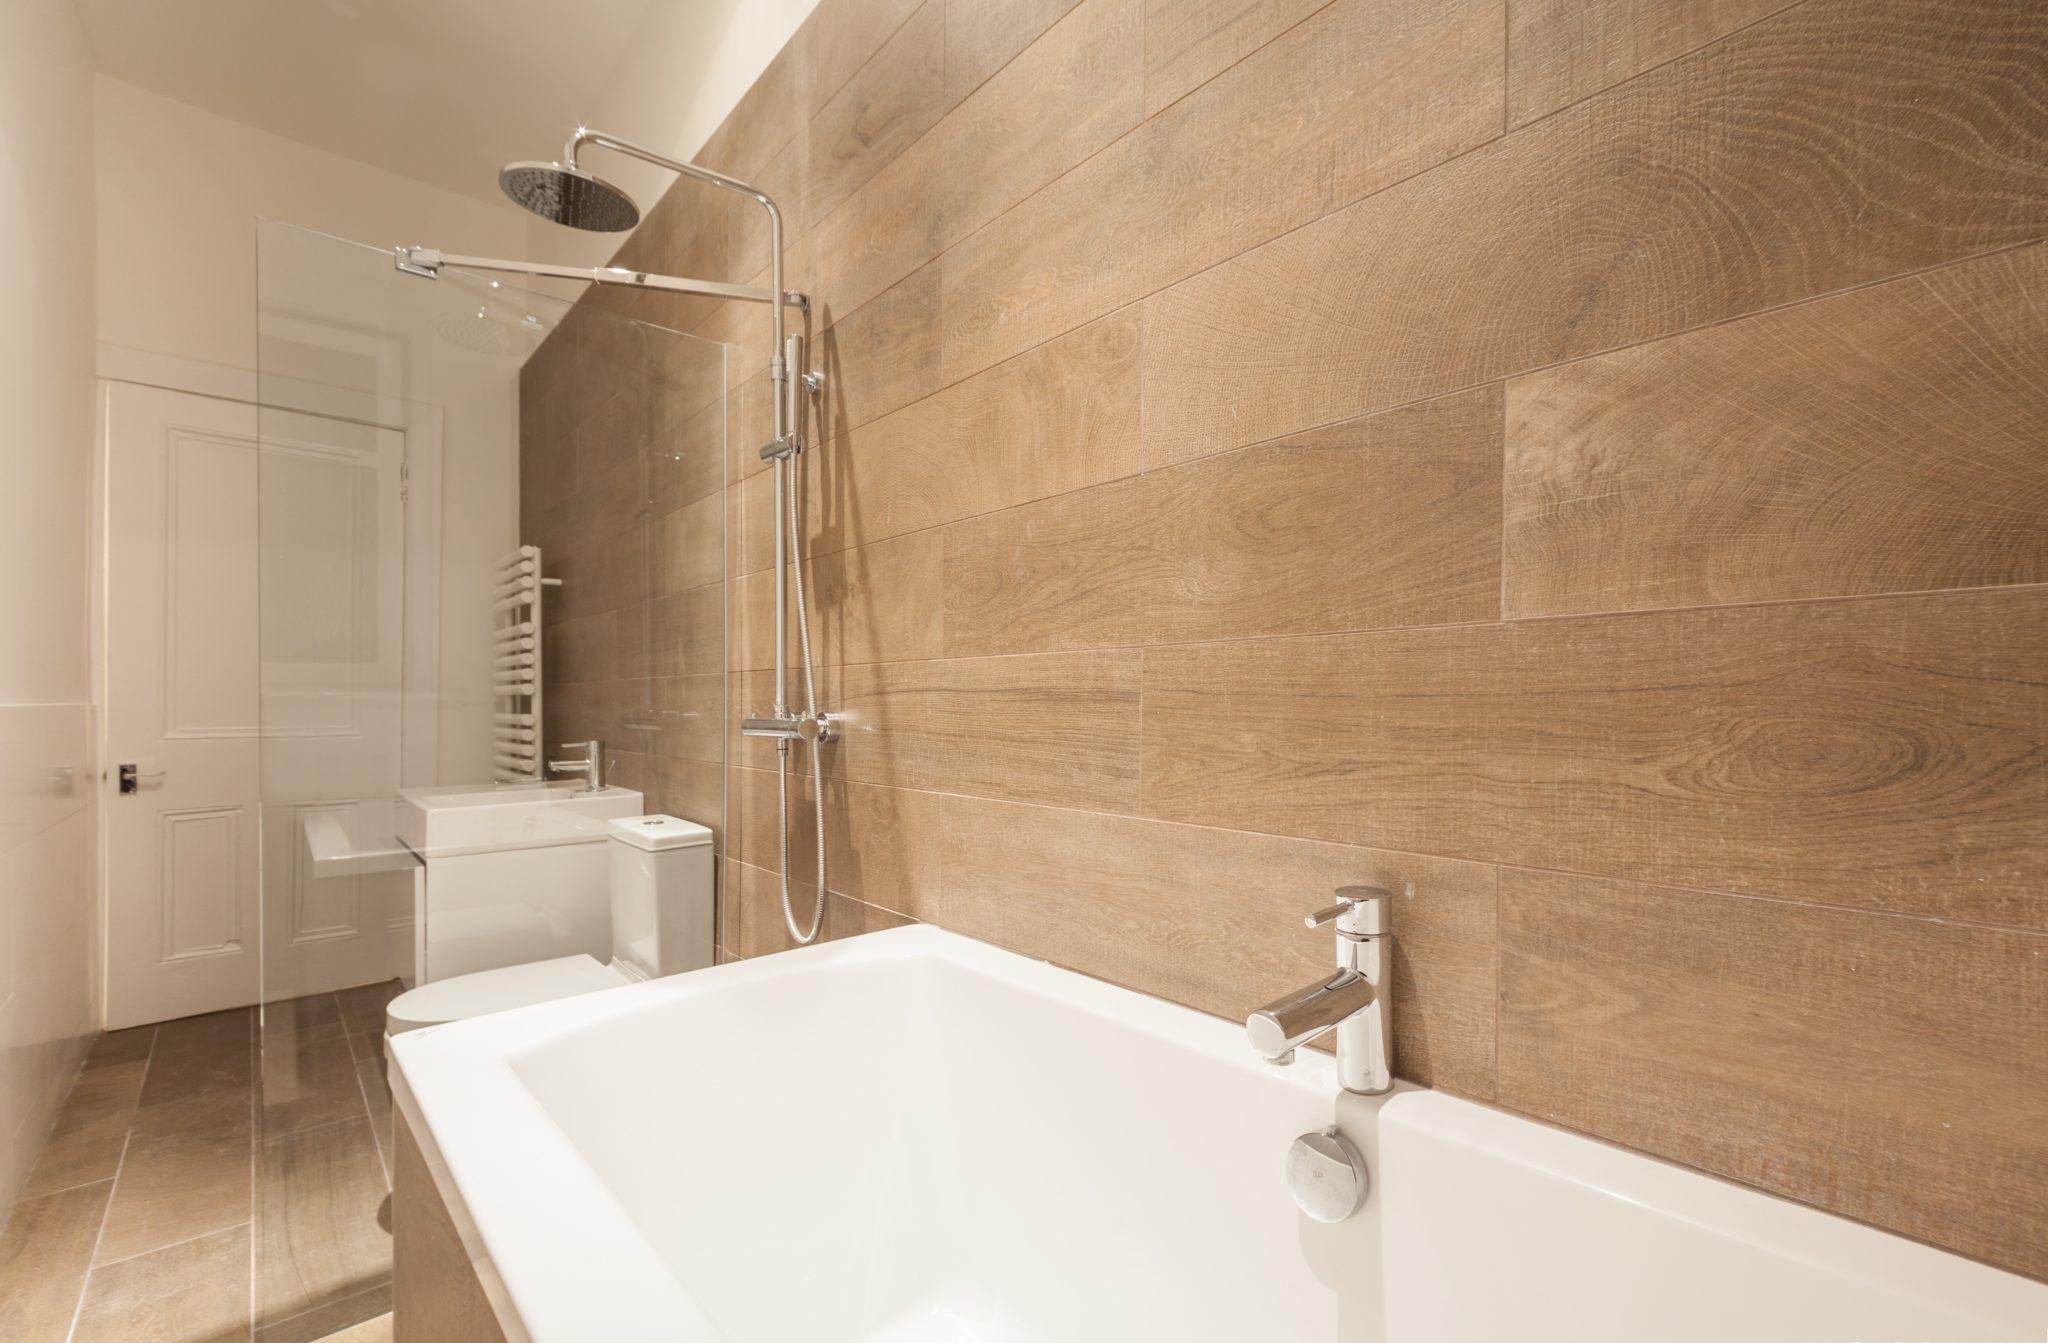 Apartment Renovation, Glasgow